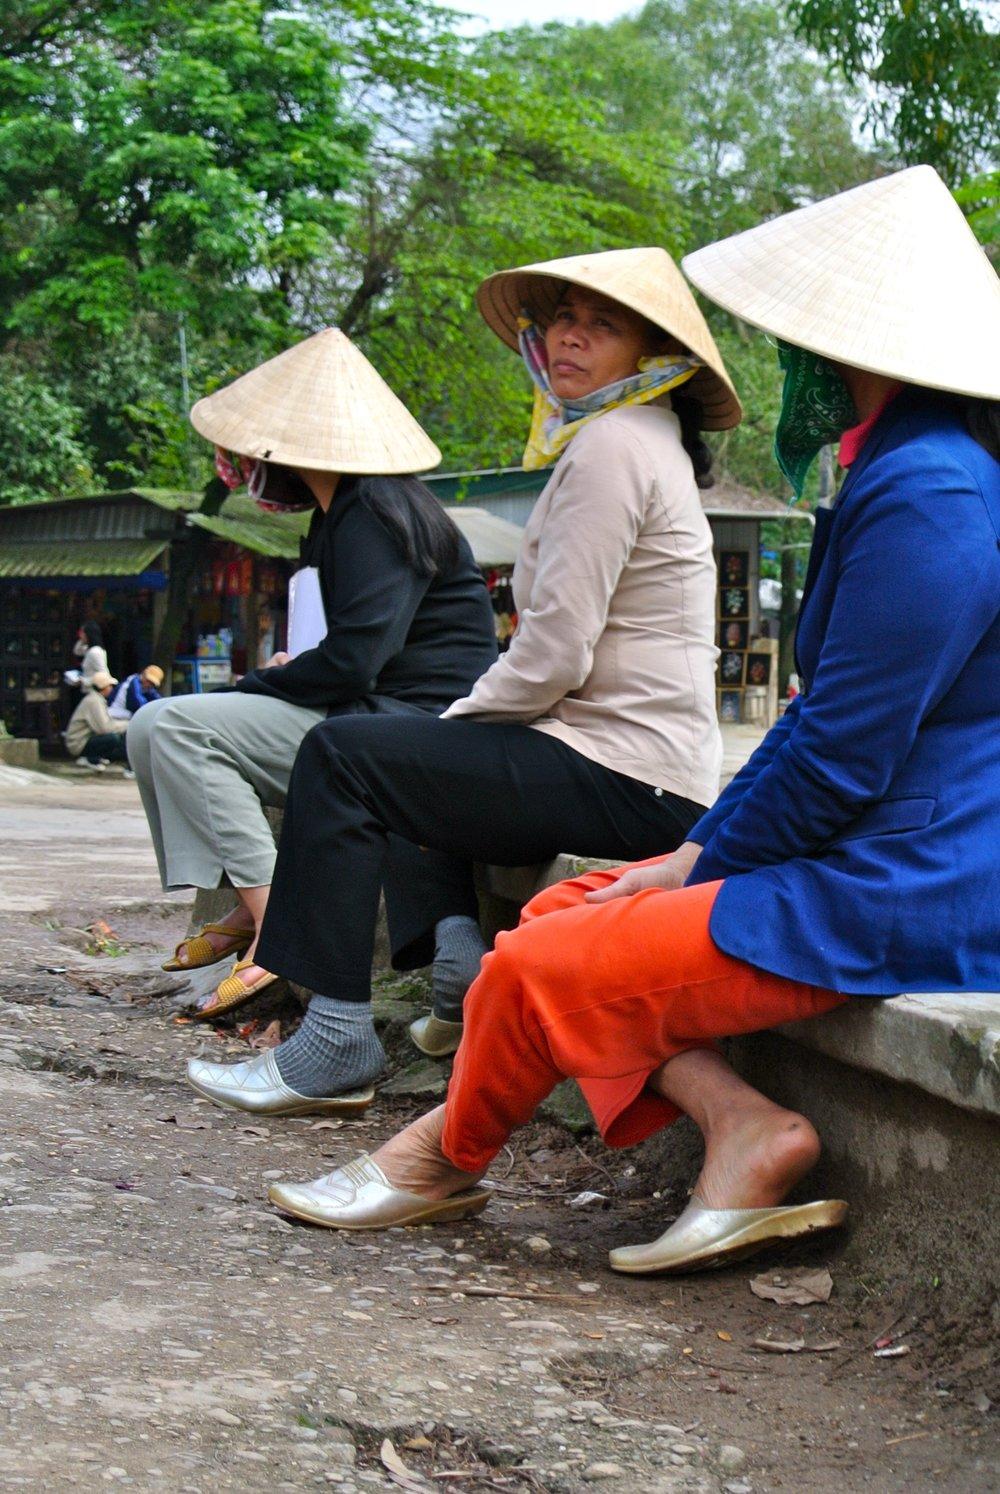 Vietnamese Women in Rice Hats